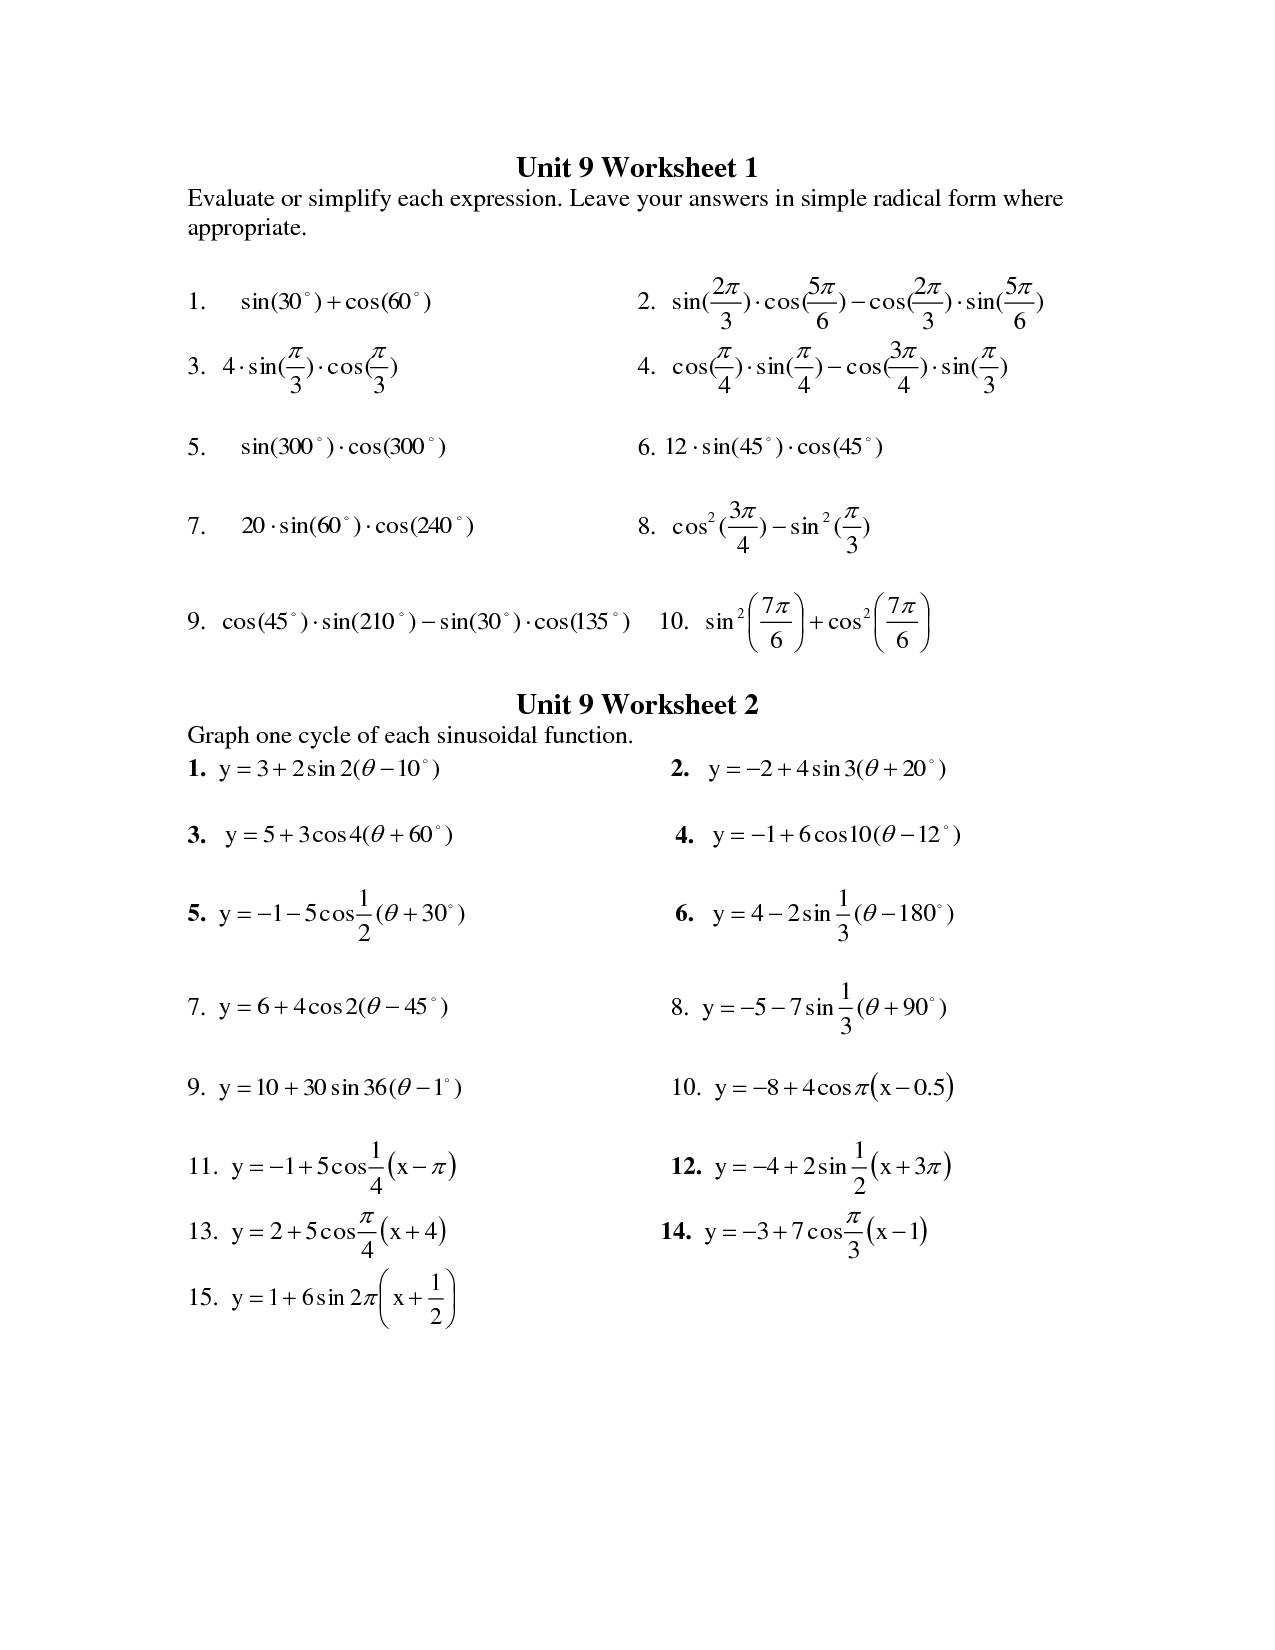 Precalculus Printable Worksheets